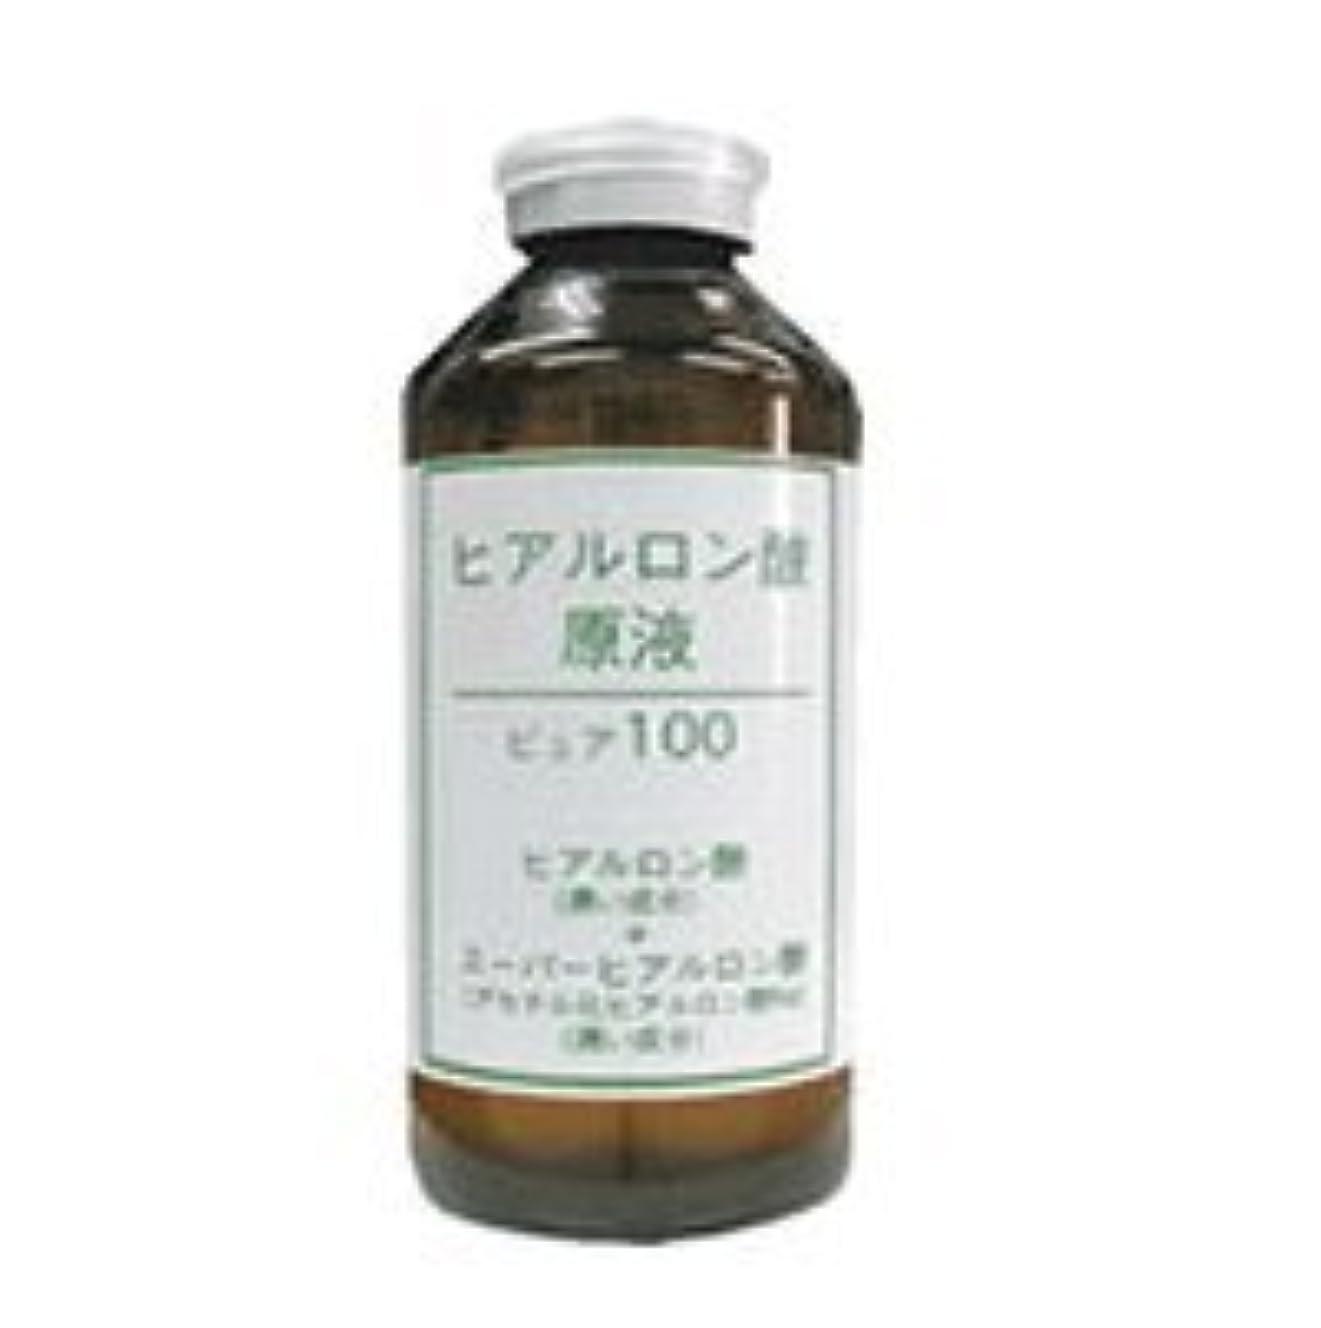 よりチューリップじゃがいもヒアルロン酸原液 ピュアエッセンス 55ml  ヒアルロン酸+スーパーヒアルロン酸